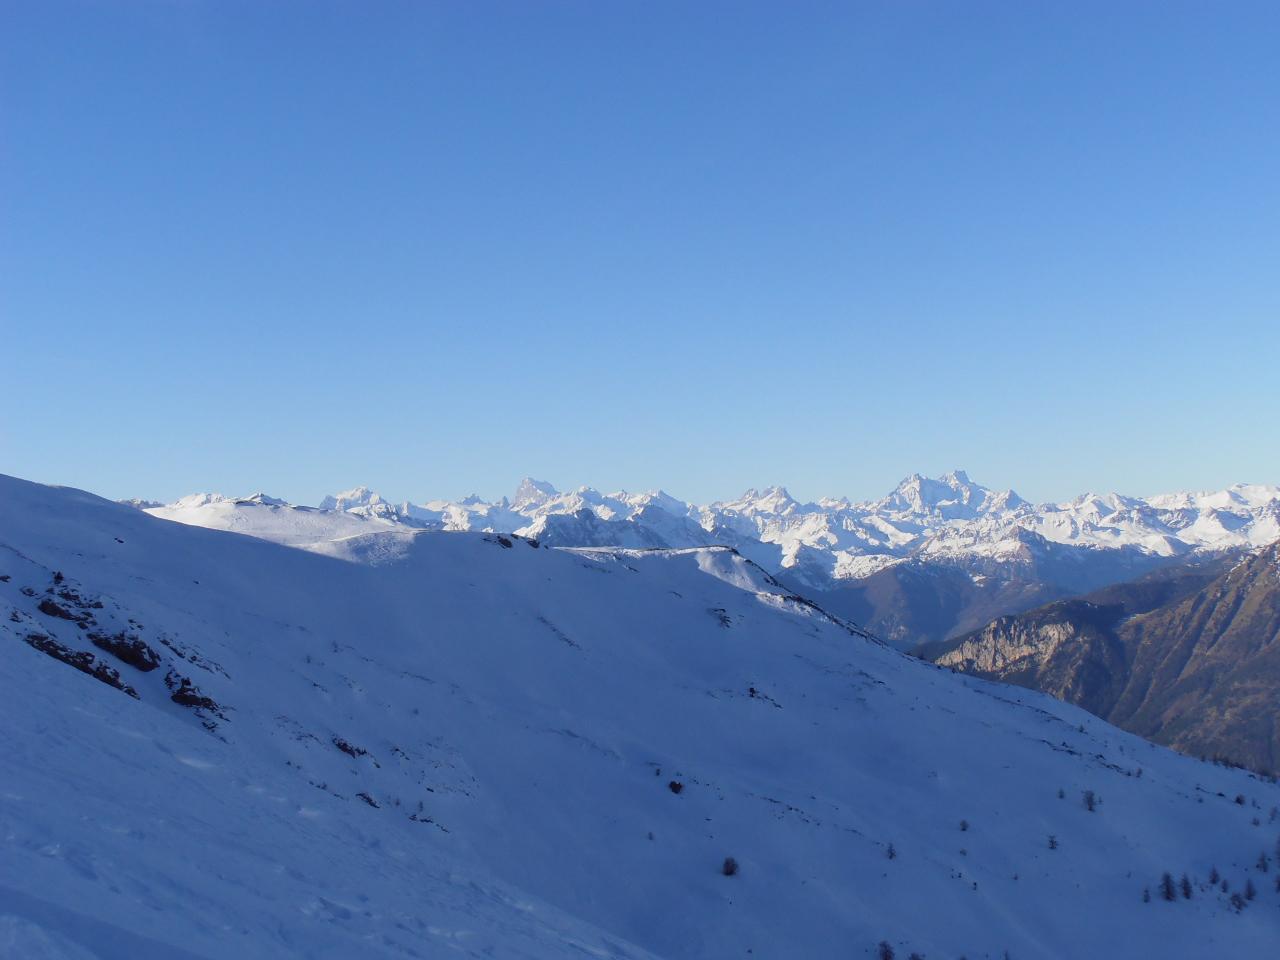 05 - uscendo dal freddo versante nord della montagna